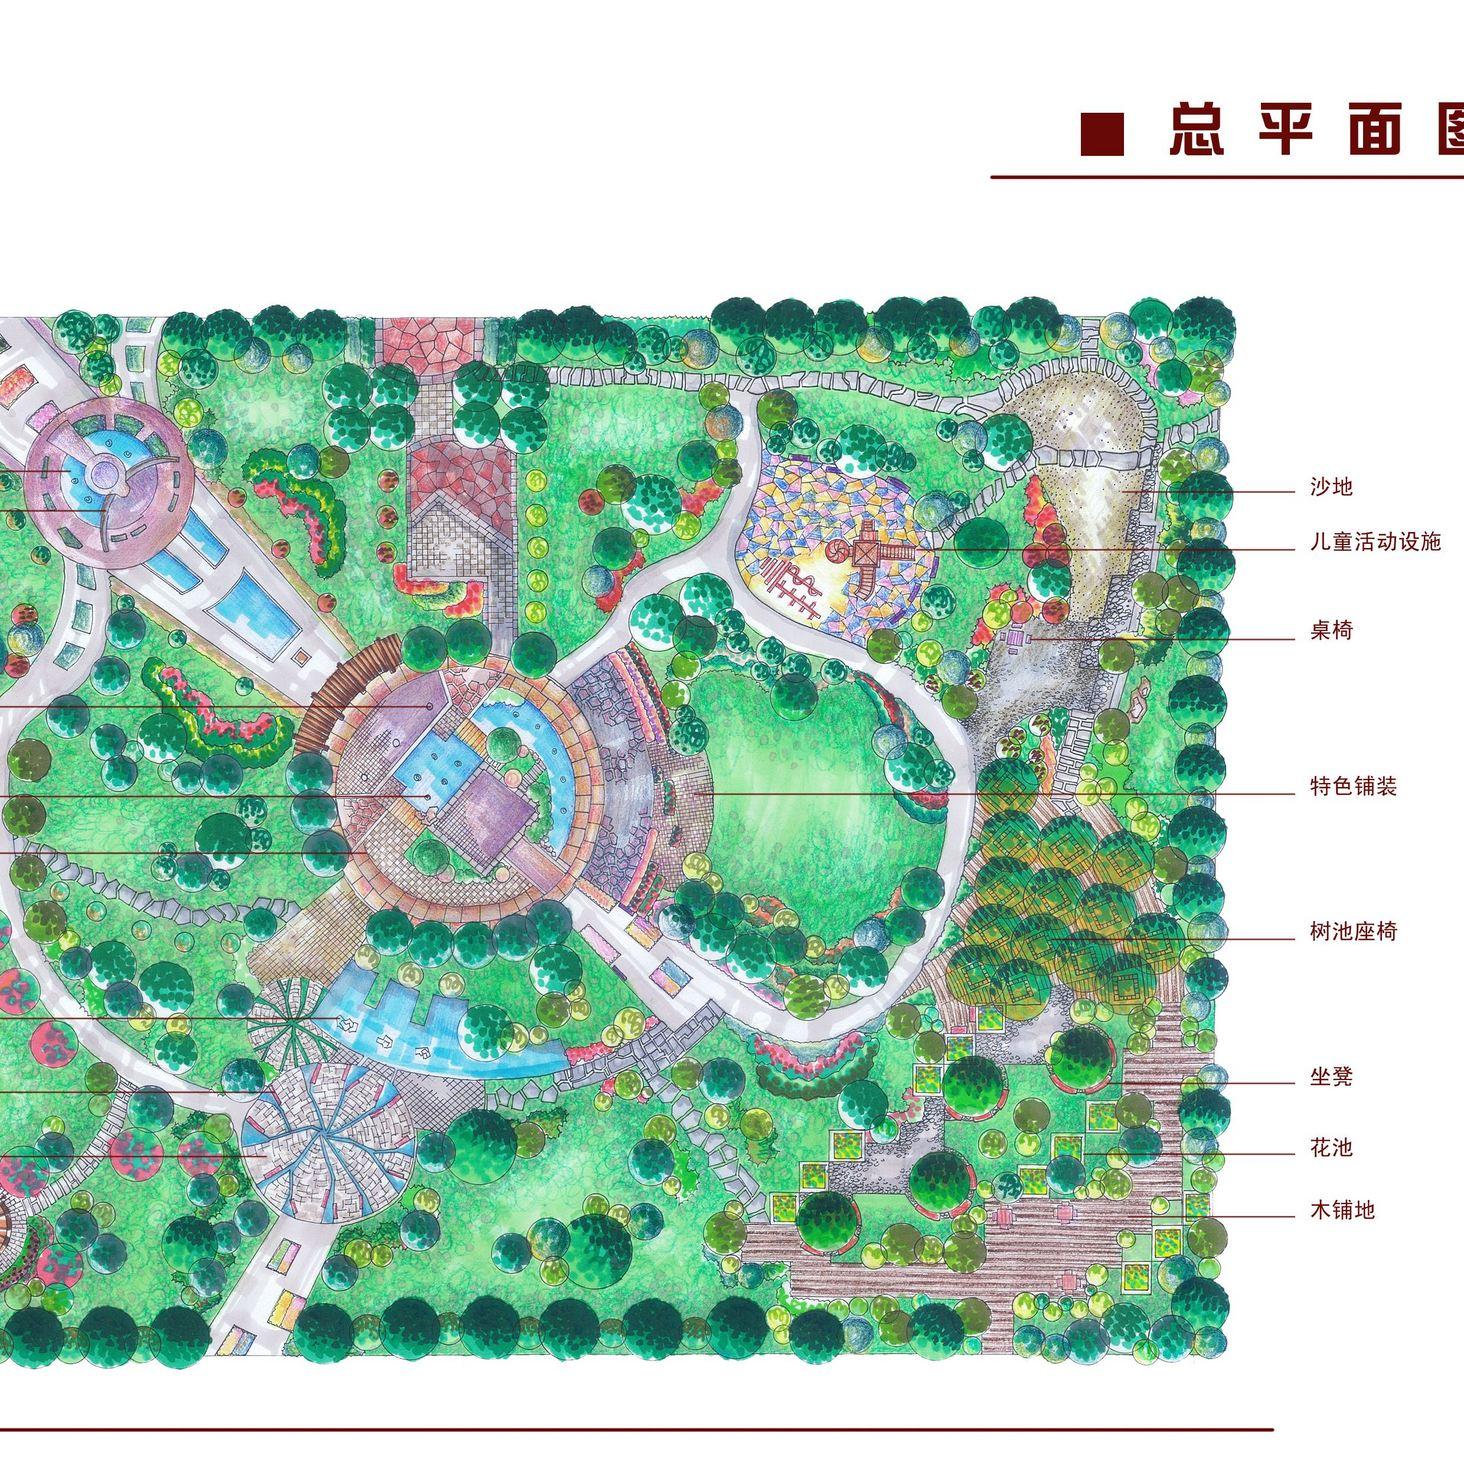 临安60m*80m的公园景观规划设计图